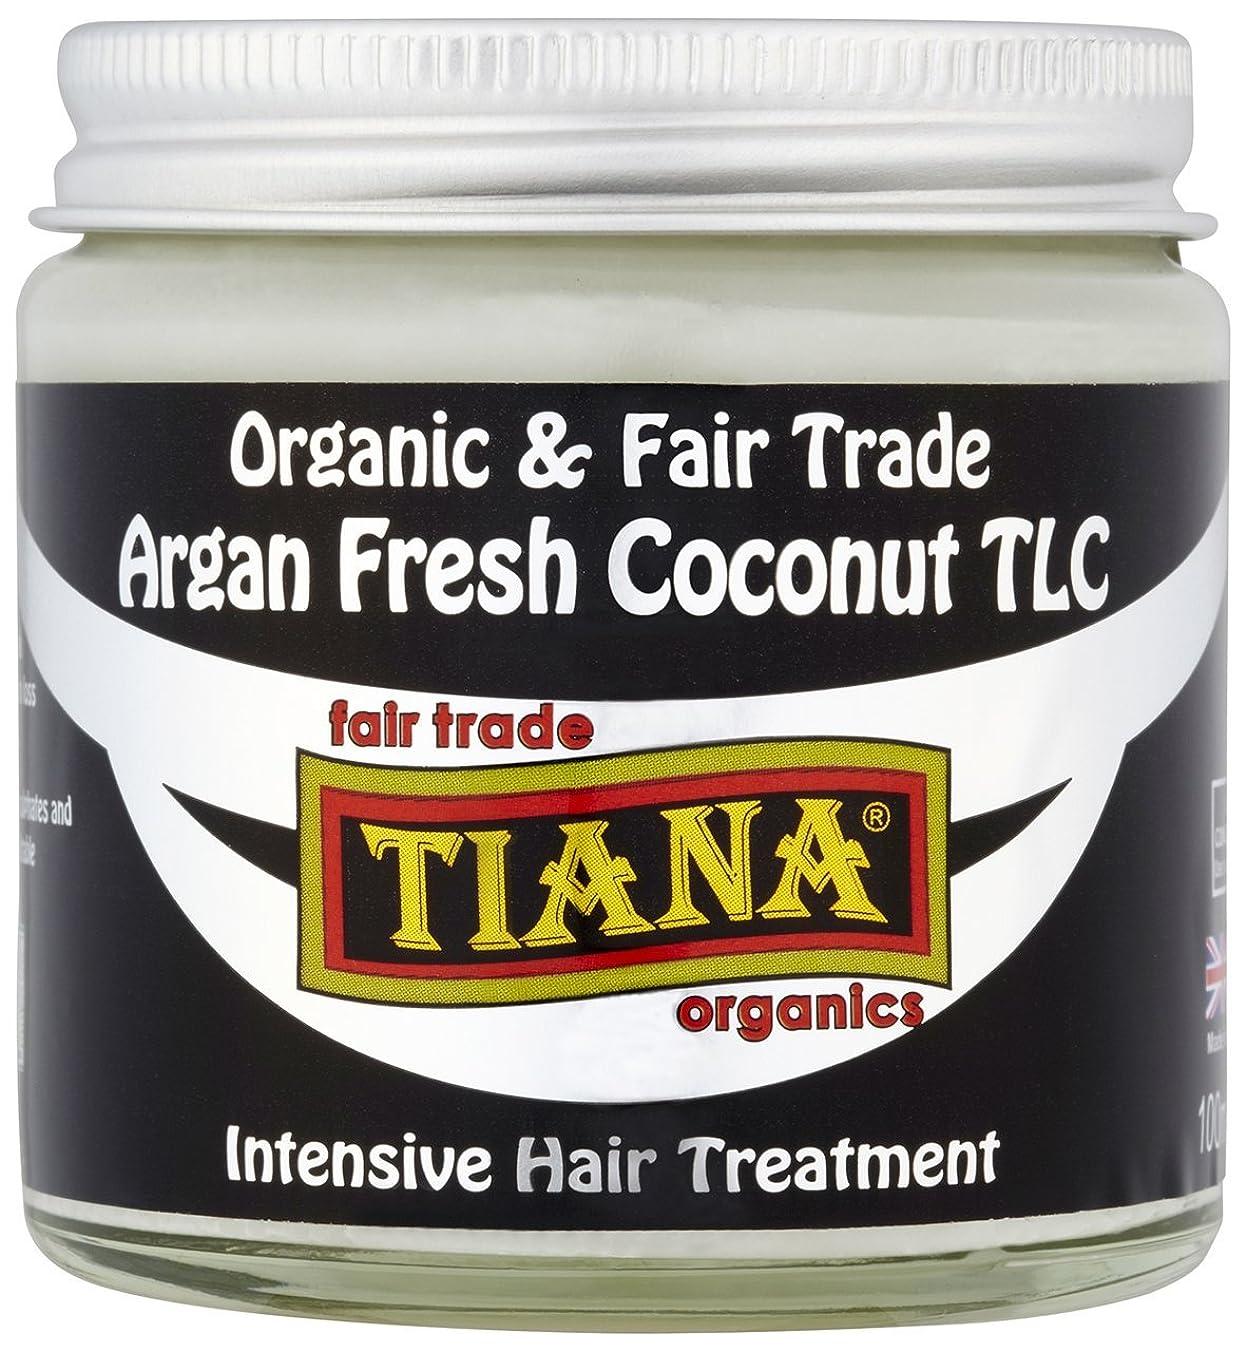 荷物引き算星Tiana Organic Argan Coconut Intensive Hair Treatment 100ml